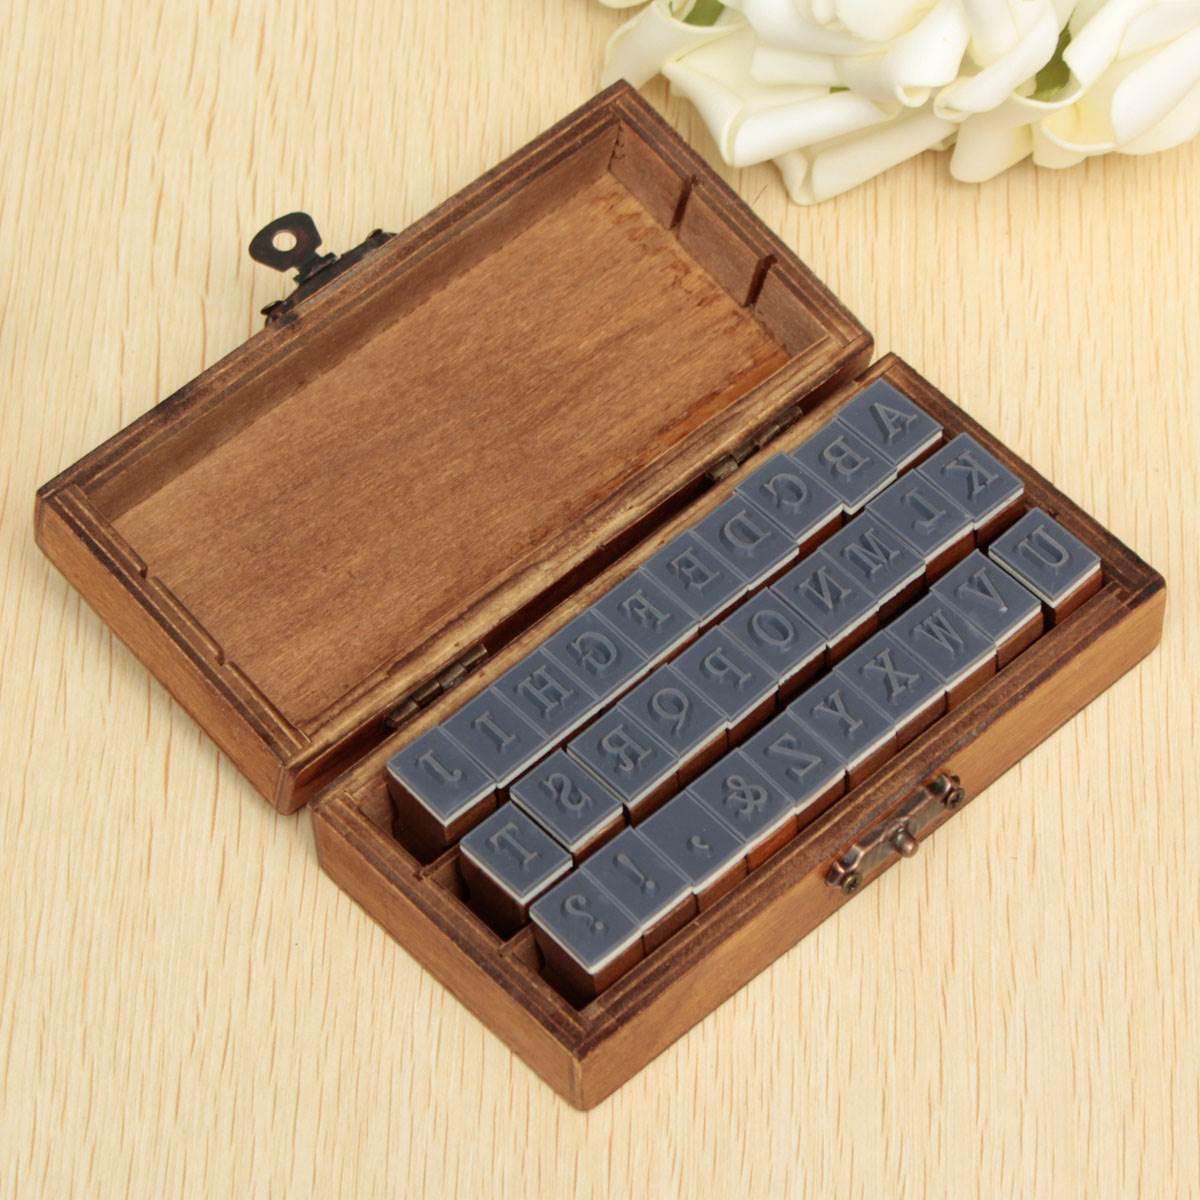 Высококачественные штампы для декора,скрапбукинга, алфавит, в деревянной коробке. 30 штук